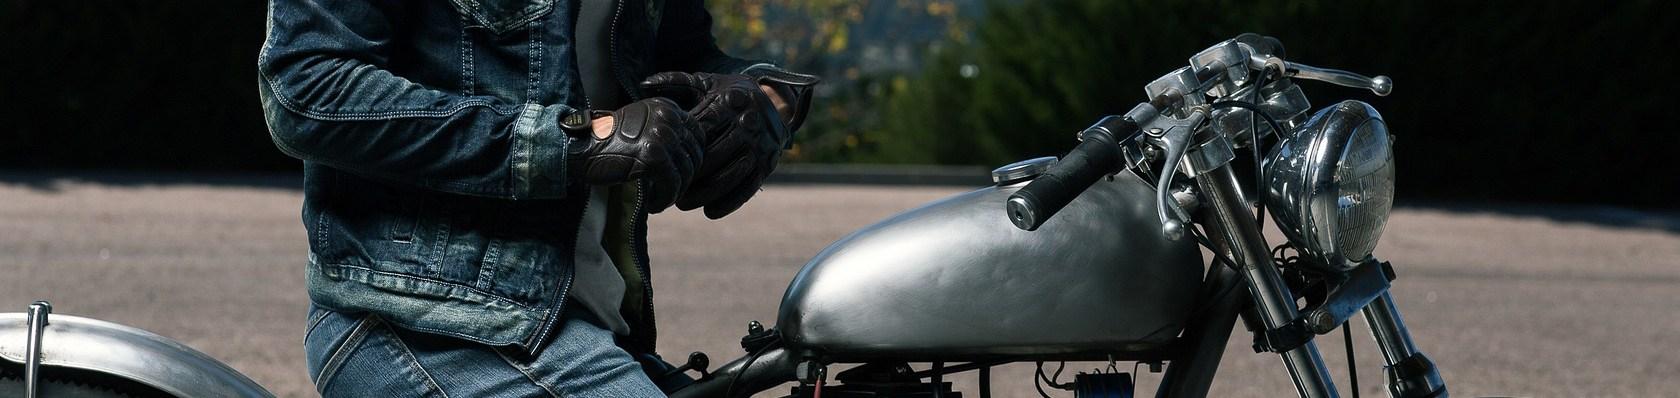 Motorradhandschuhe im Test auf ExpertenTesten.de